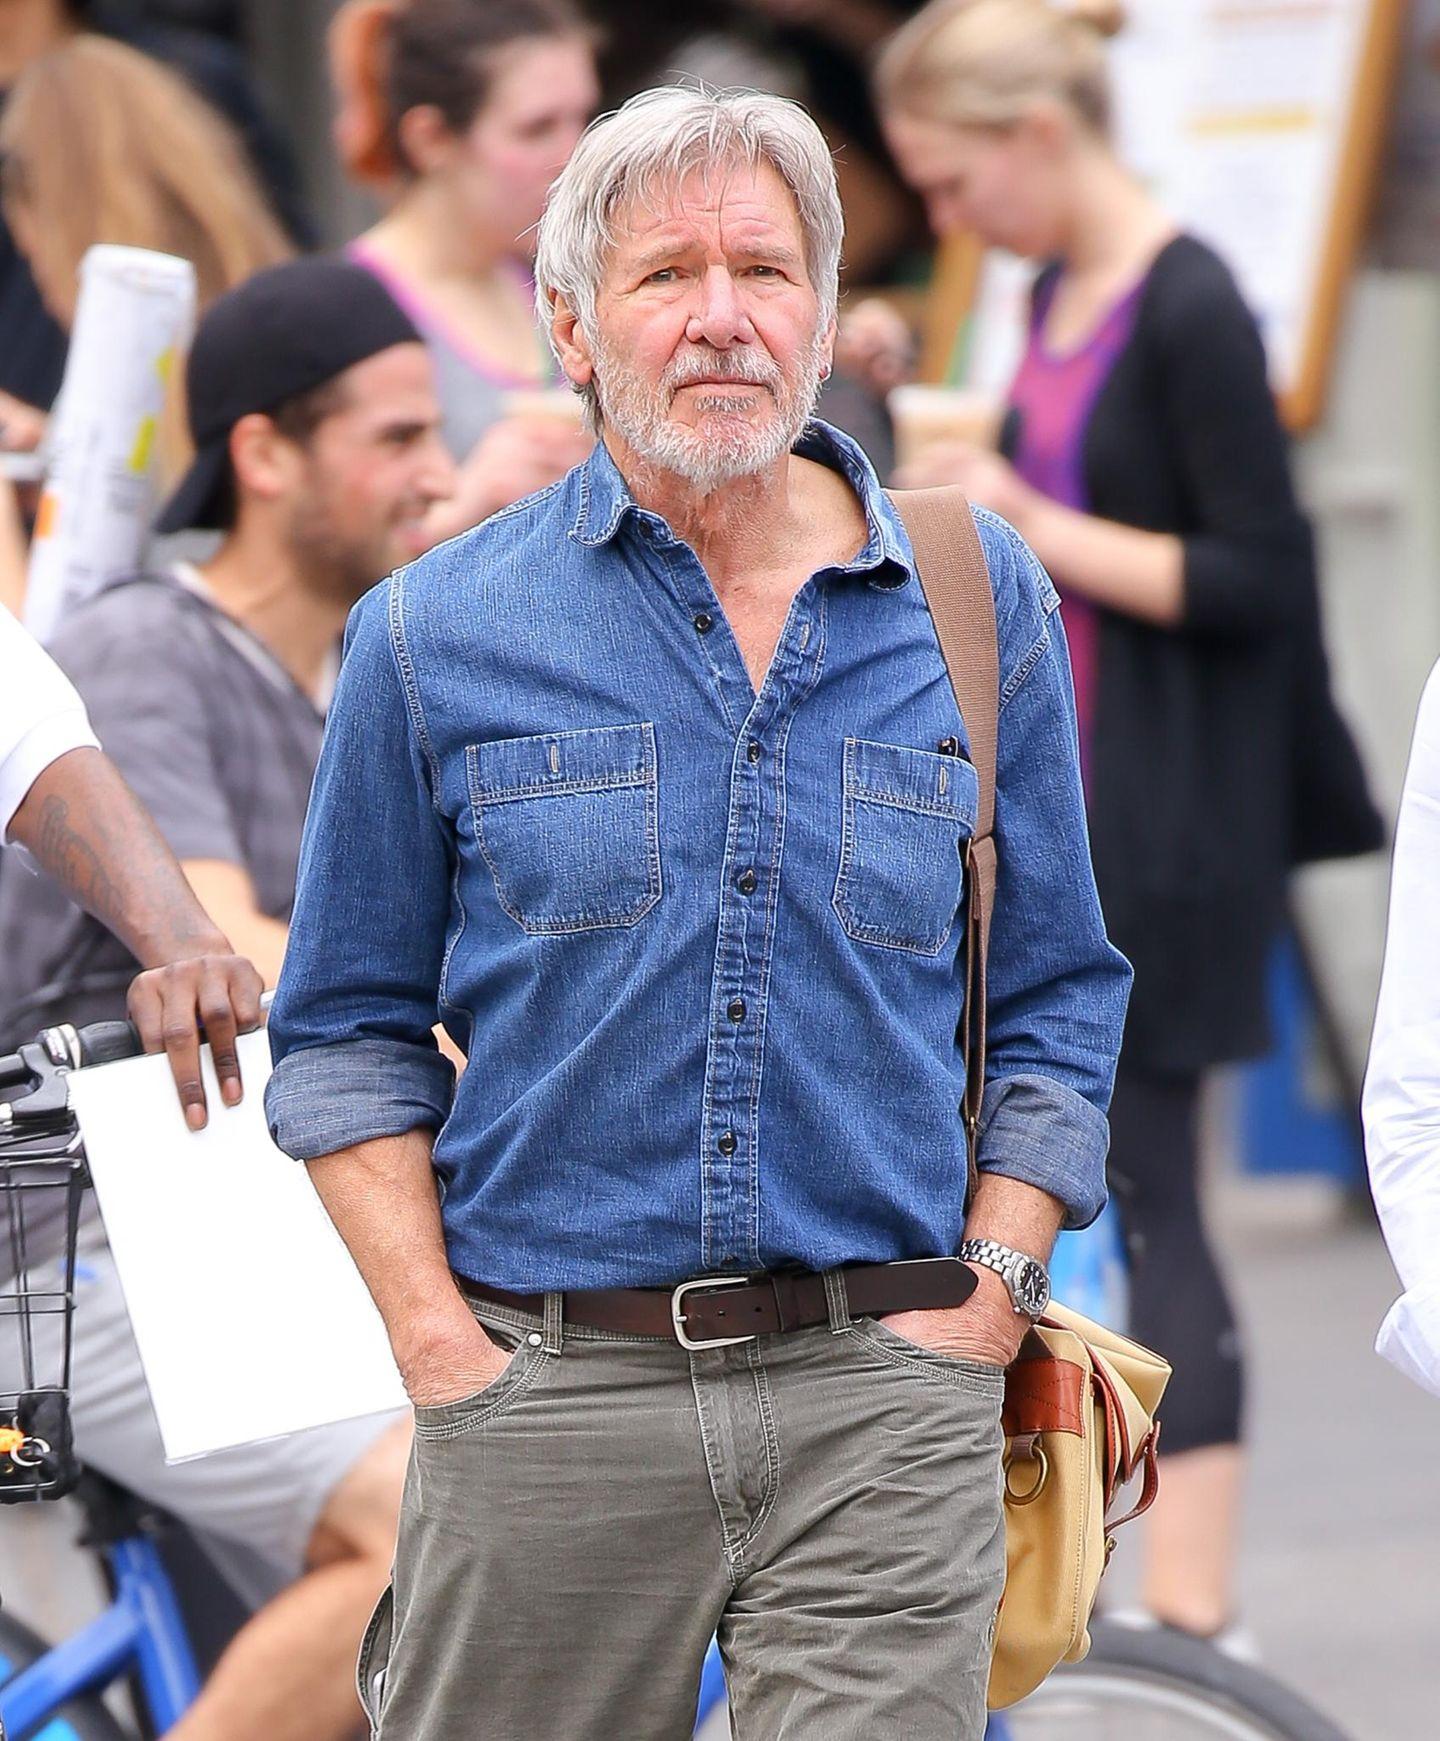 10. März 2016: Harrison Ford sieht etwas gestresst aus während er durch New York schlendert.